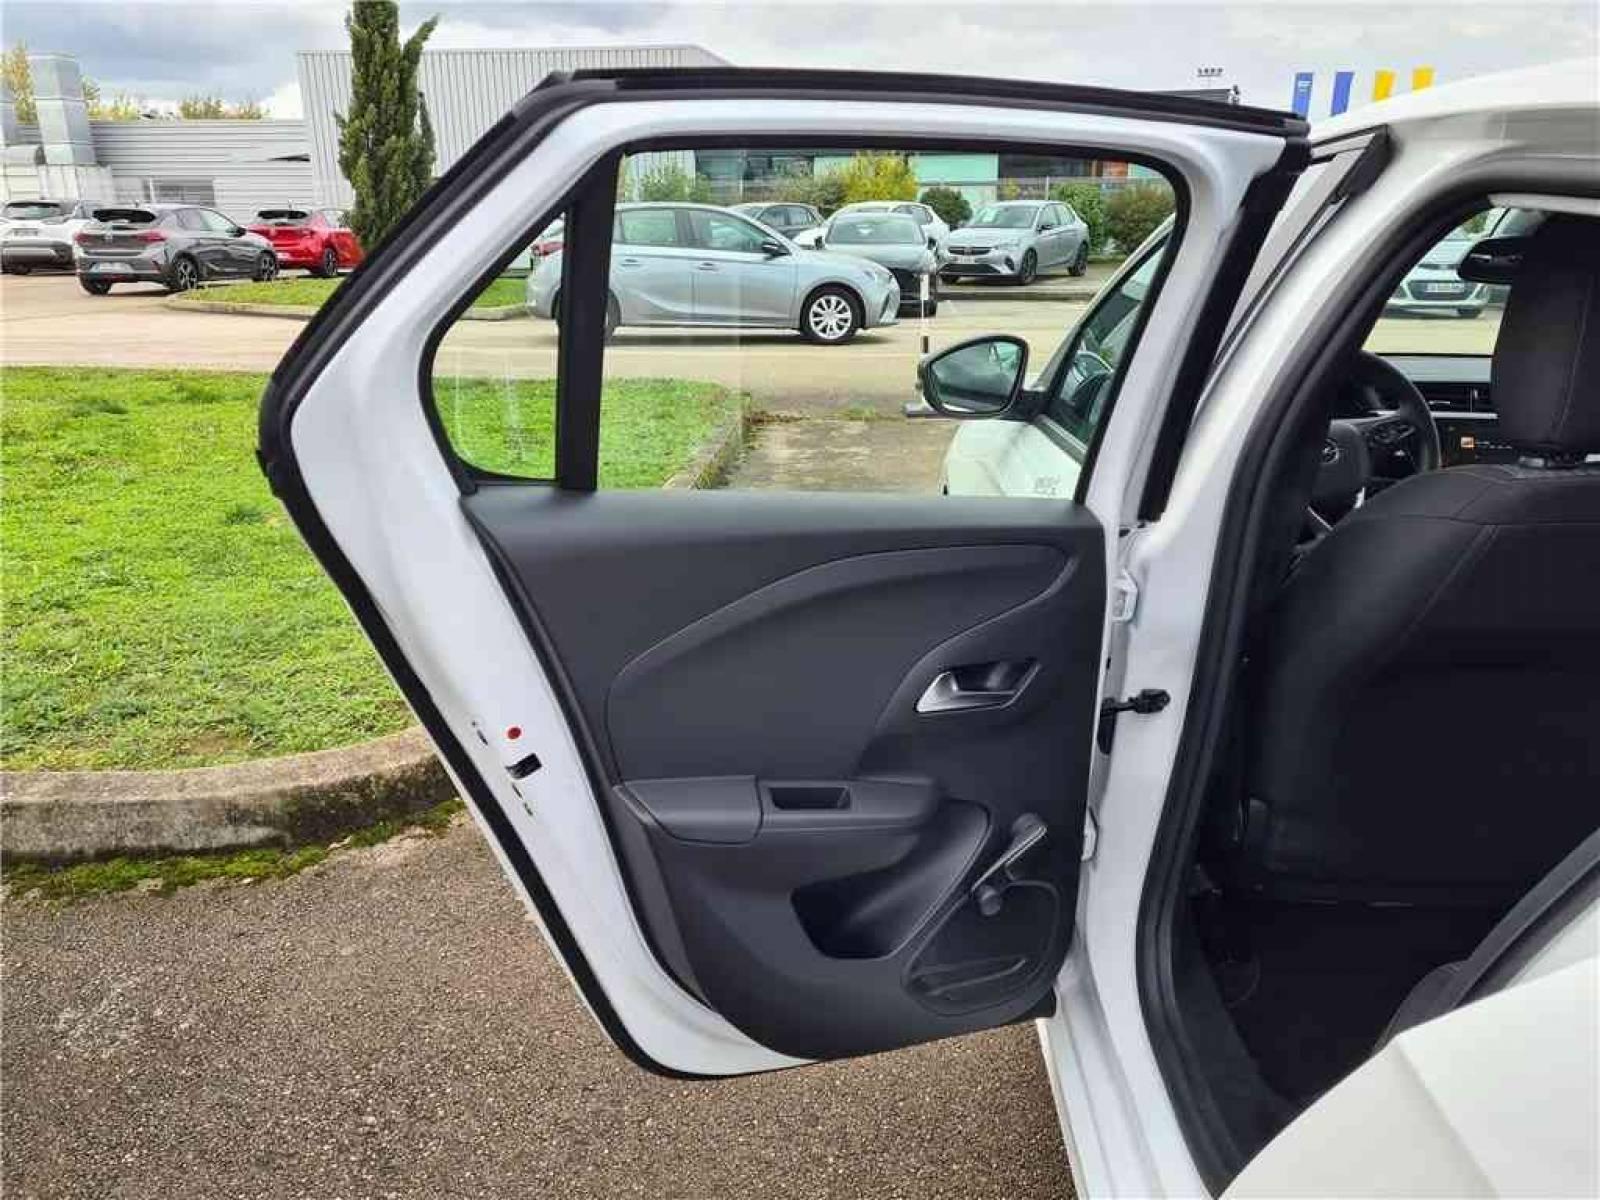 OPEL Corsa 1.5 Diesel 100 ch BVM6 - véhicule d'occasion - Groupe Guillet - Opel Magicauto - Chalon-sur-Saône - 71380 - Saint-Marcel - 27